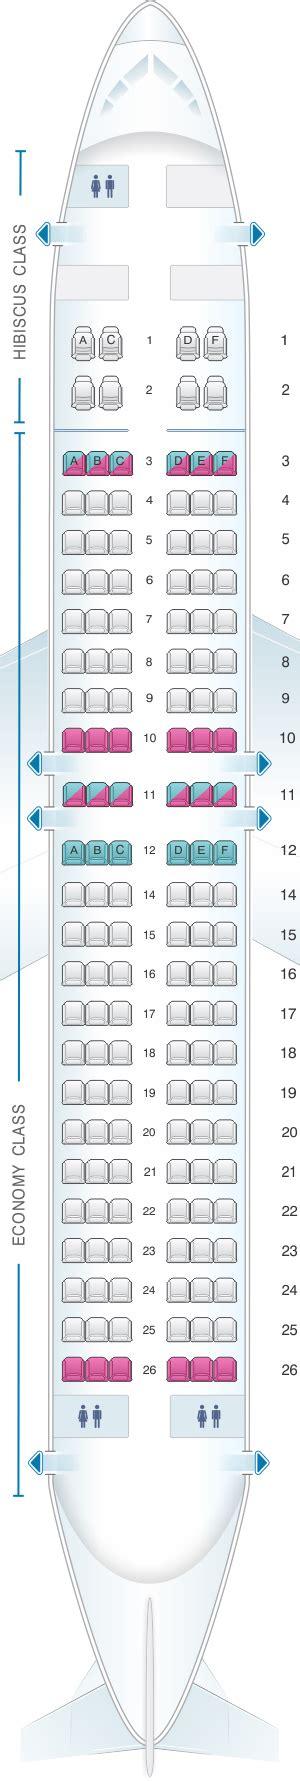 plan des sieges airbus a320 plan de cabine aircalin airbus a320 seatmaestro fr